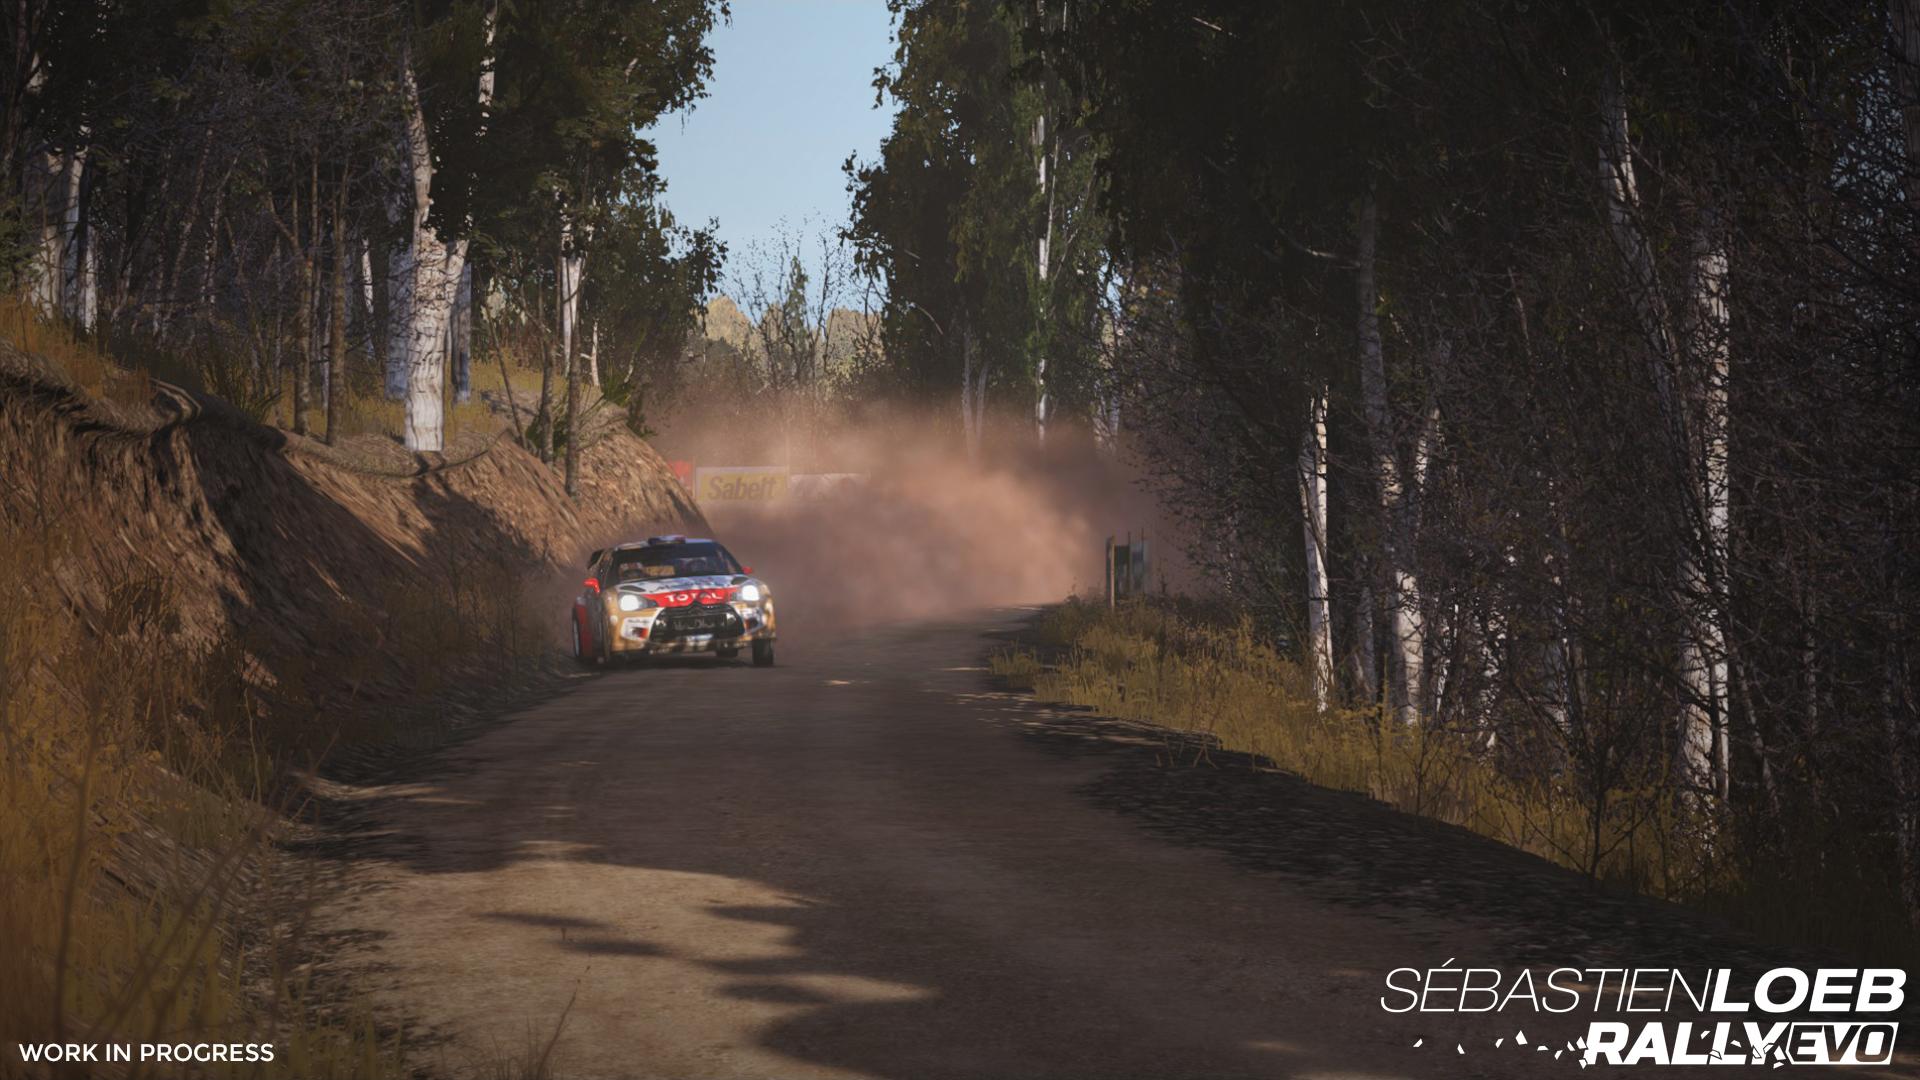 Nové obrázky ze závodů Sébastien Loeb Rally 118180